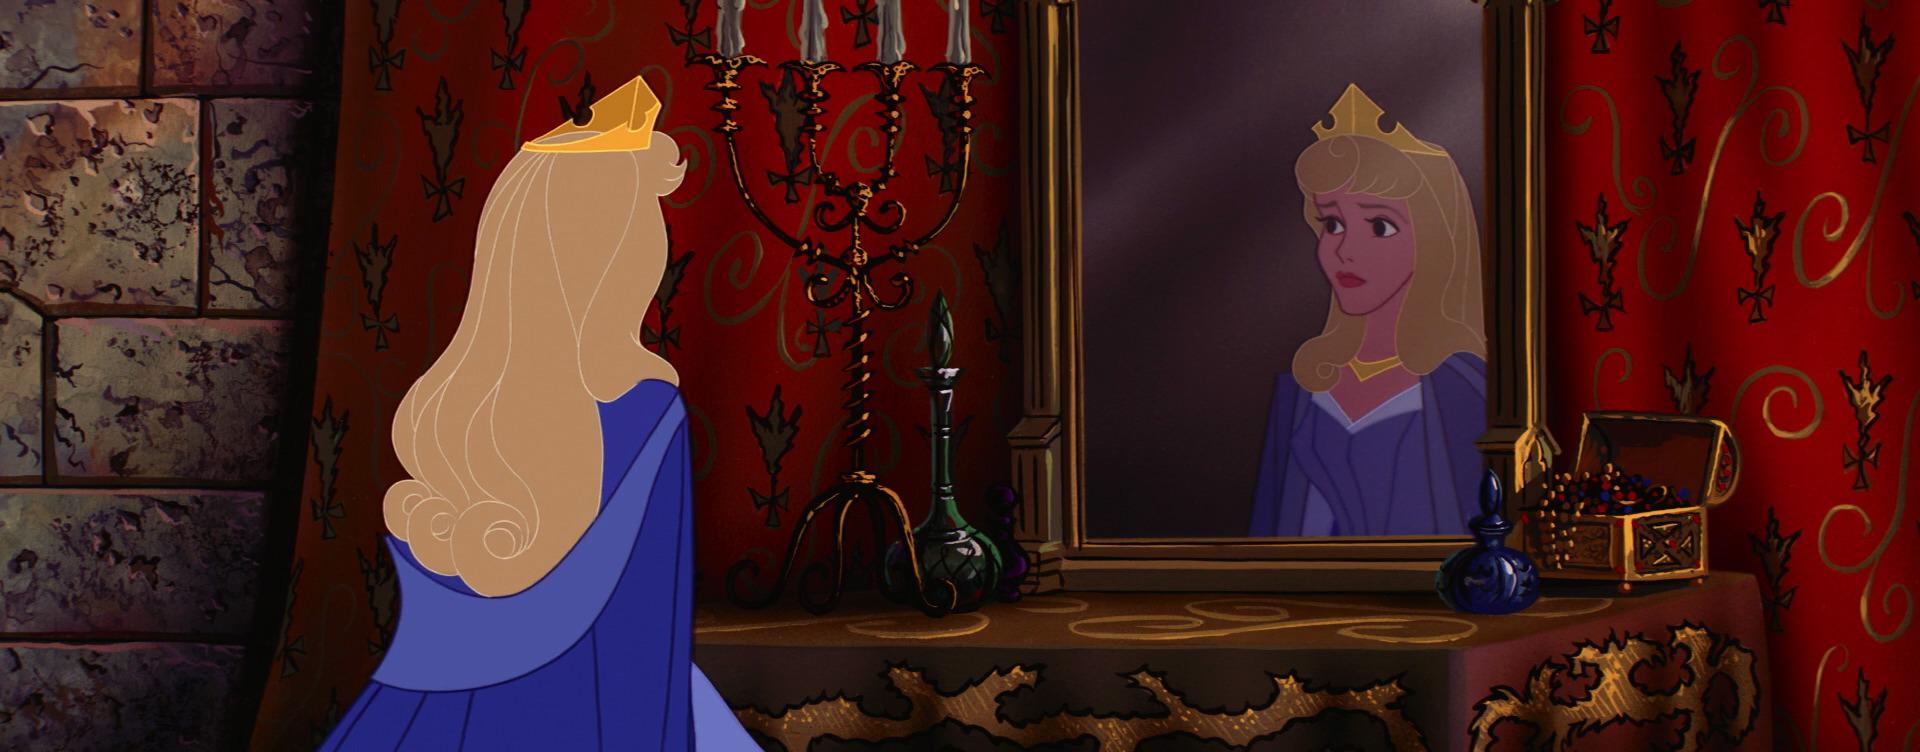 [Walt Disney] La Reine des Neiges (2013) - Sujet d'avant-sortie - Page 36 Image-aurore-personnage-belle-bois-dormant-07